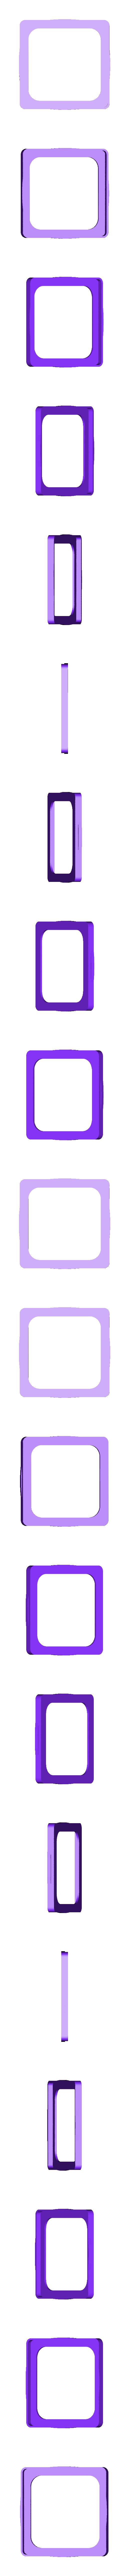 Filter_frame.stl Télécharger fichier STL gratuit Masque Covid-19 • Plan pour impression 3D, ayoubtouait